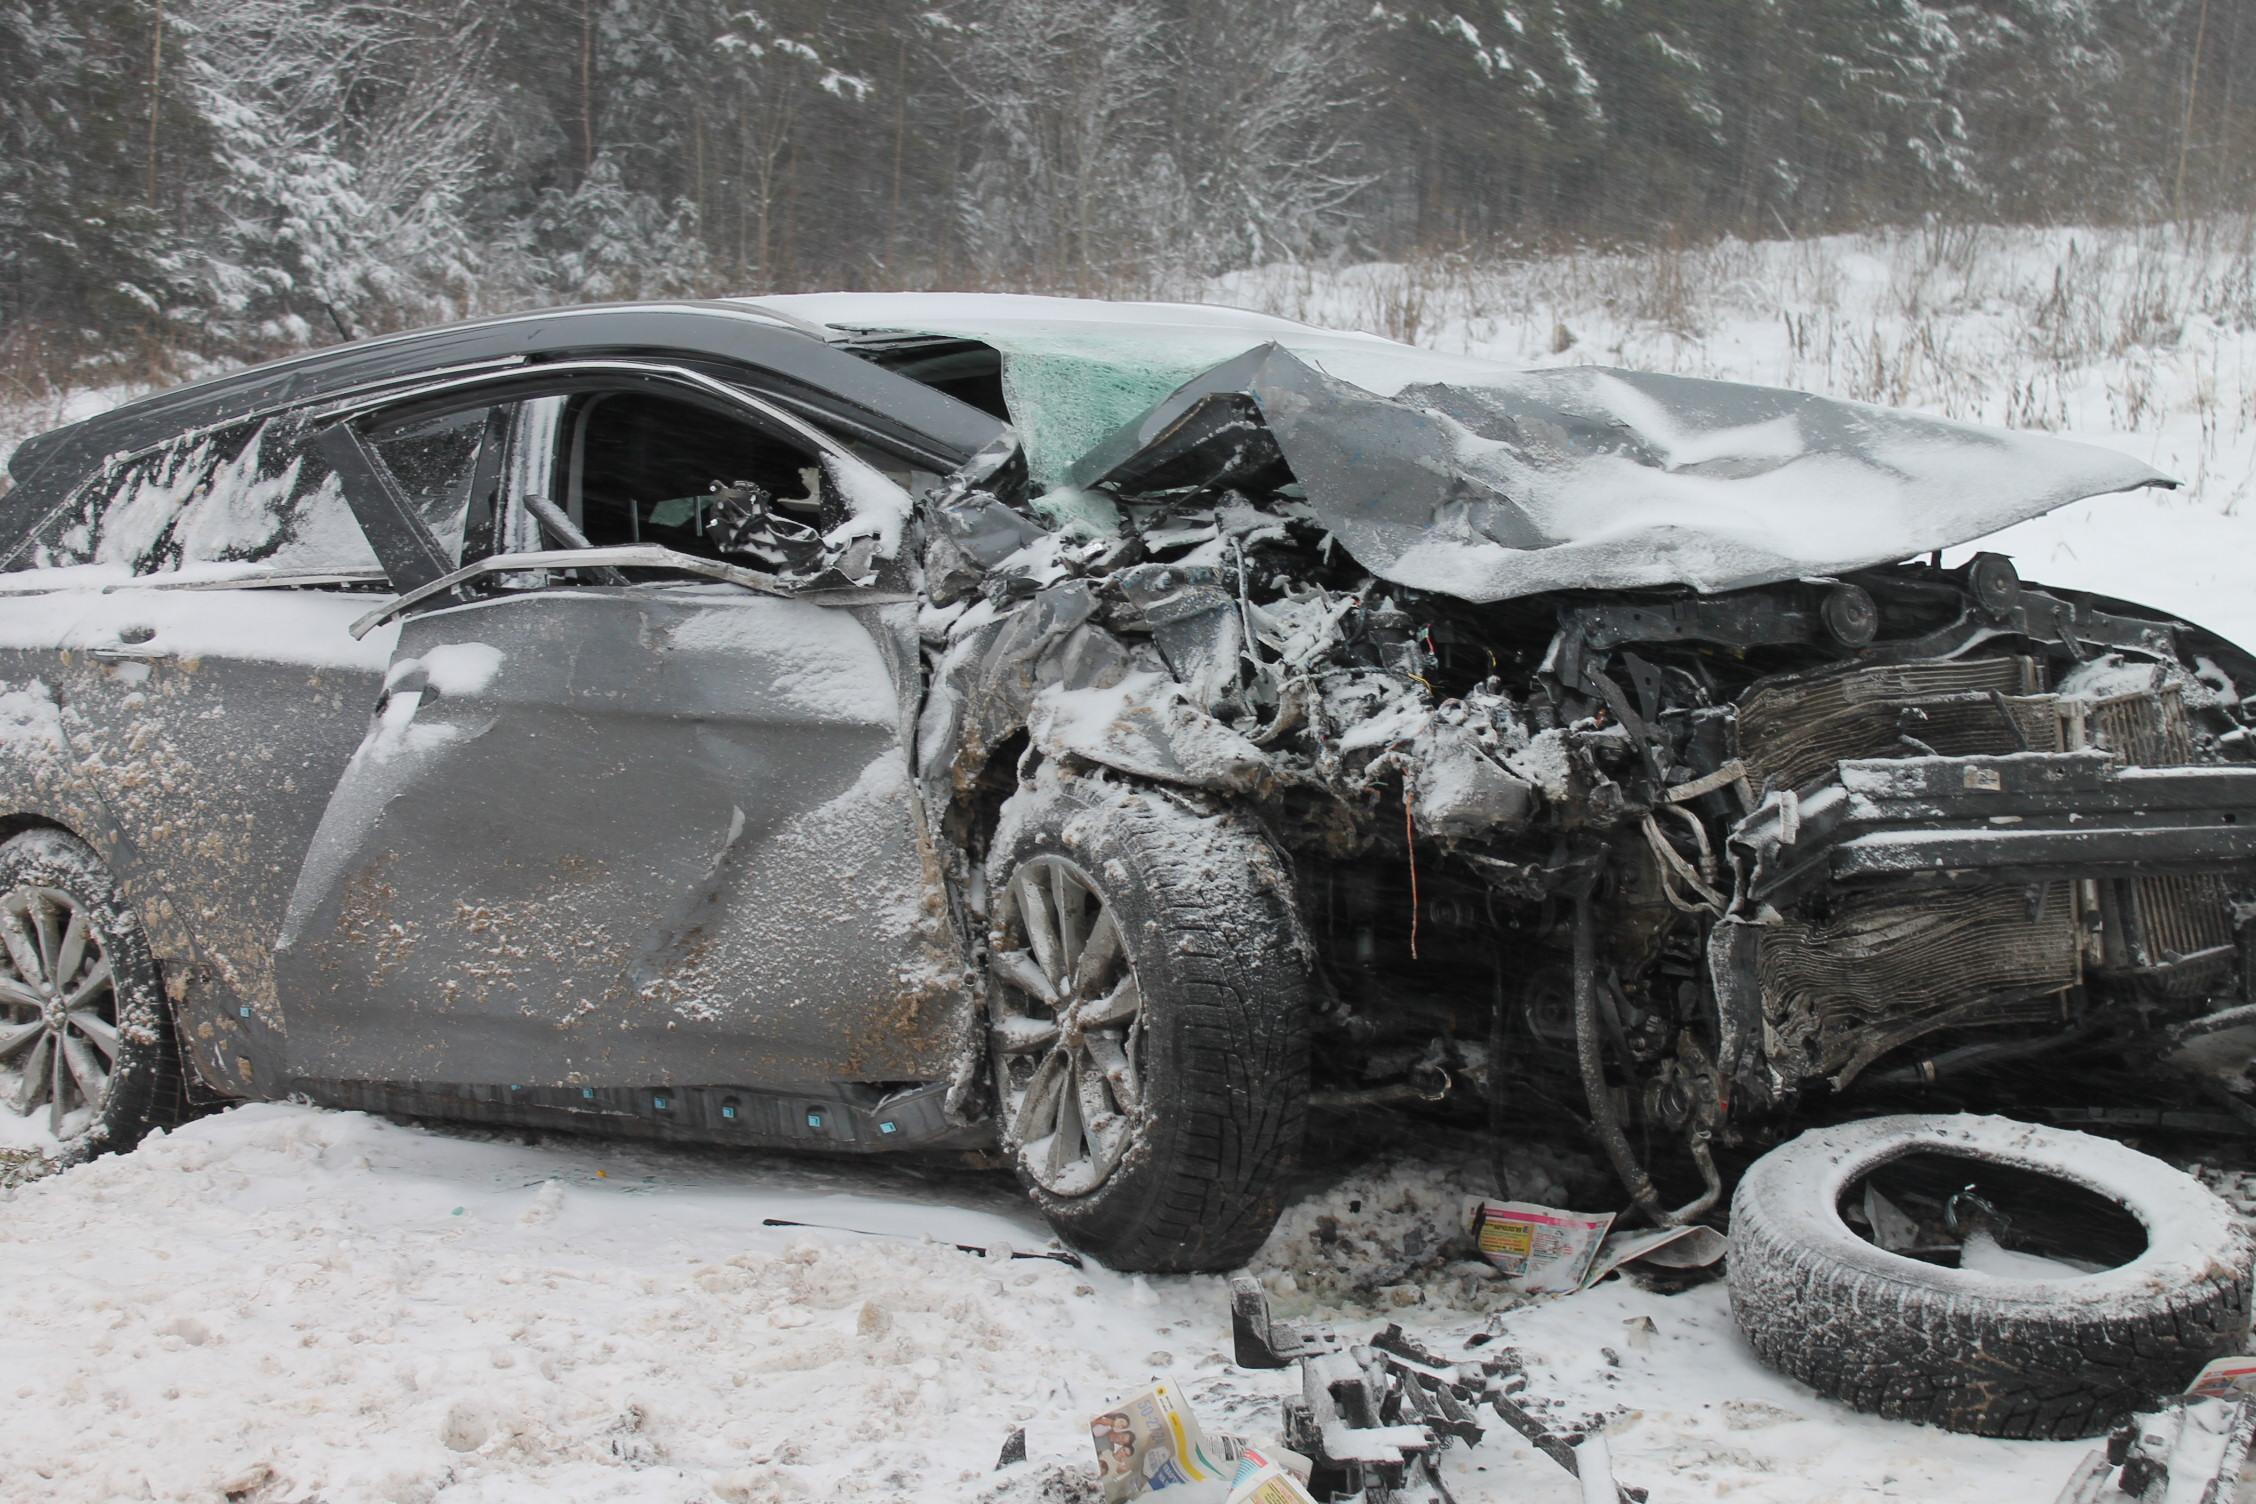 В Верховажском районе в столкновении двух иномарок погибла 34-летняя женщина